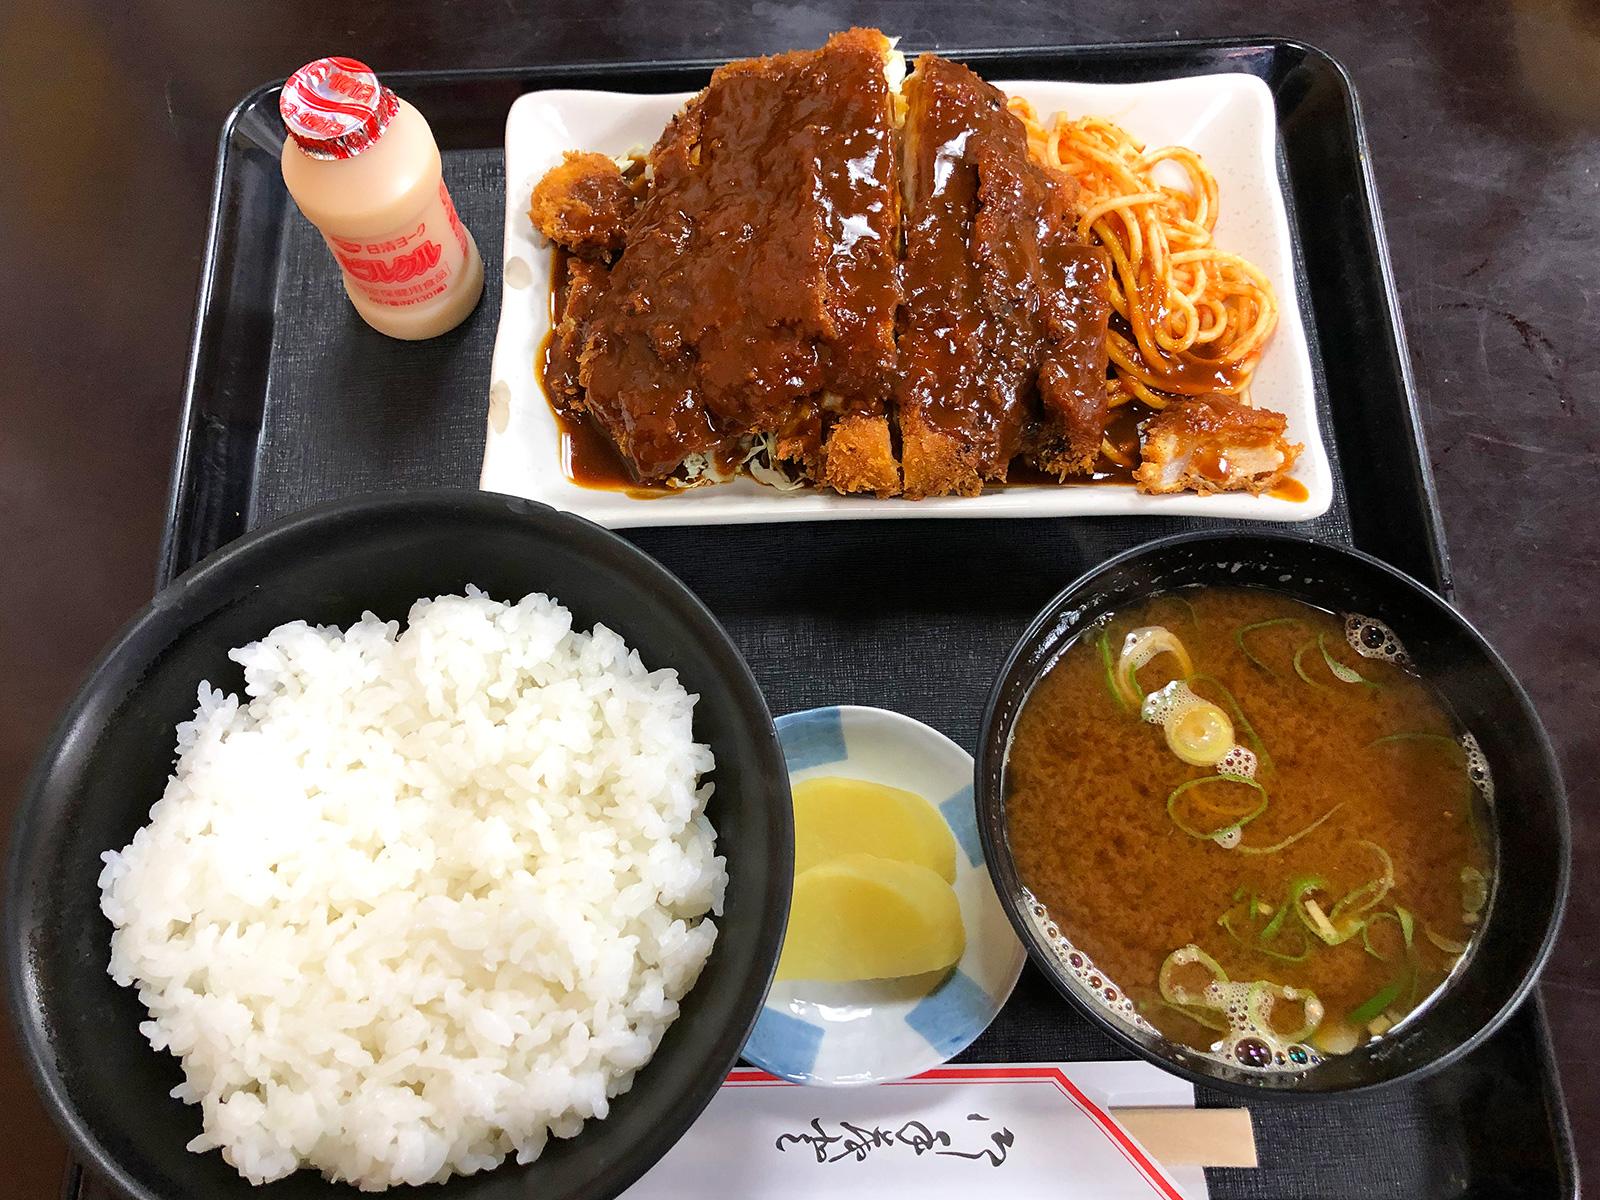 「すしかつ」のロースみそかつ定食 @清須市西批杷島